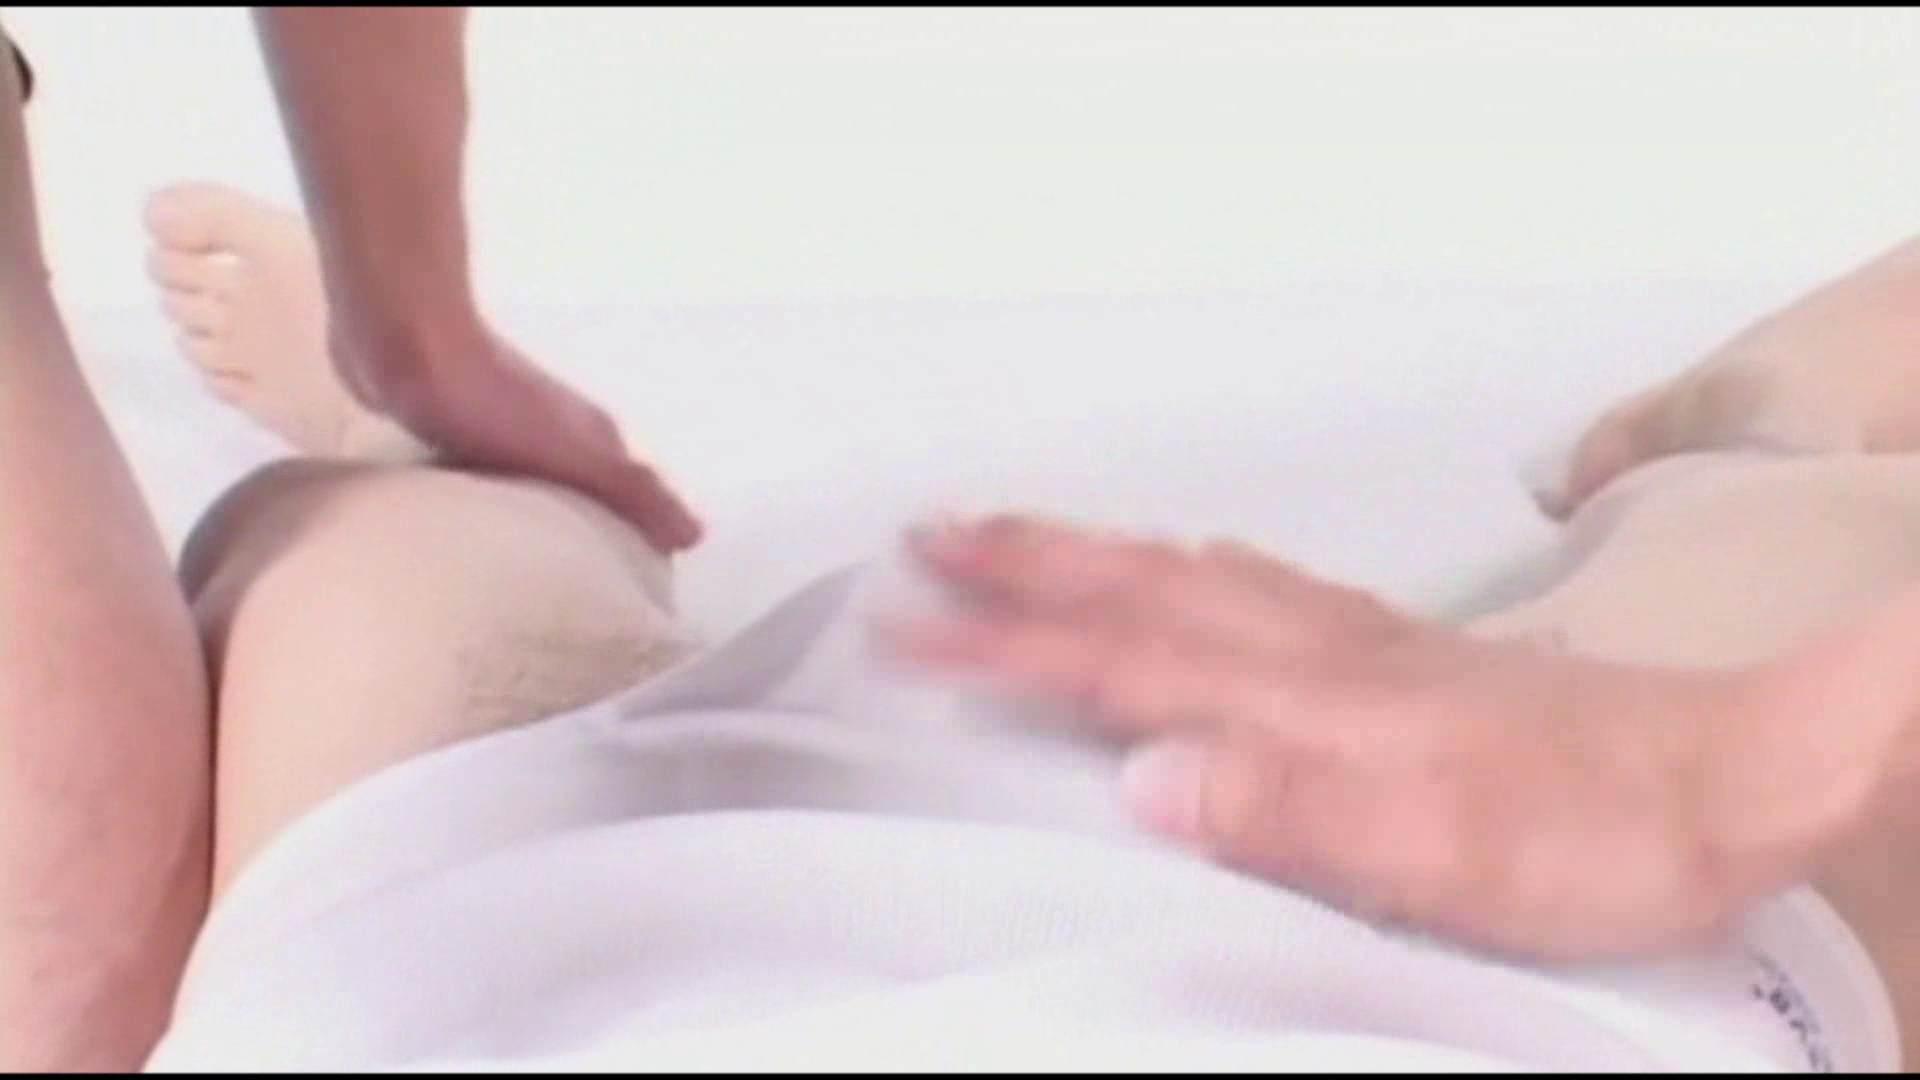 ショウ&ナオキのエロMAXファンタジーVOL.06(ナオキ&ショウ共同作業編) スジ筋系男子 ちんぽ画像 85枚 23